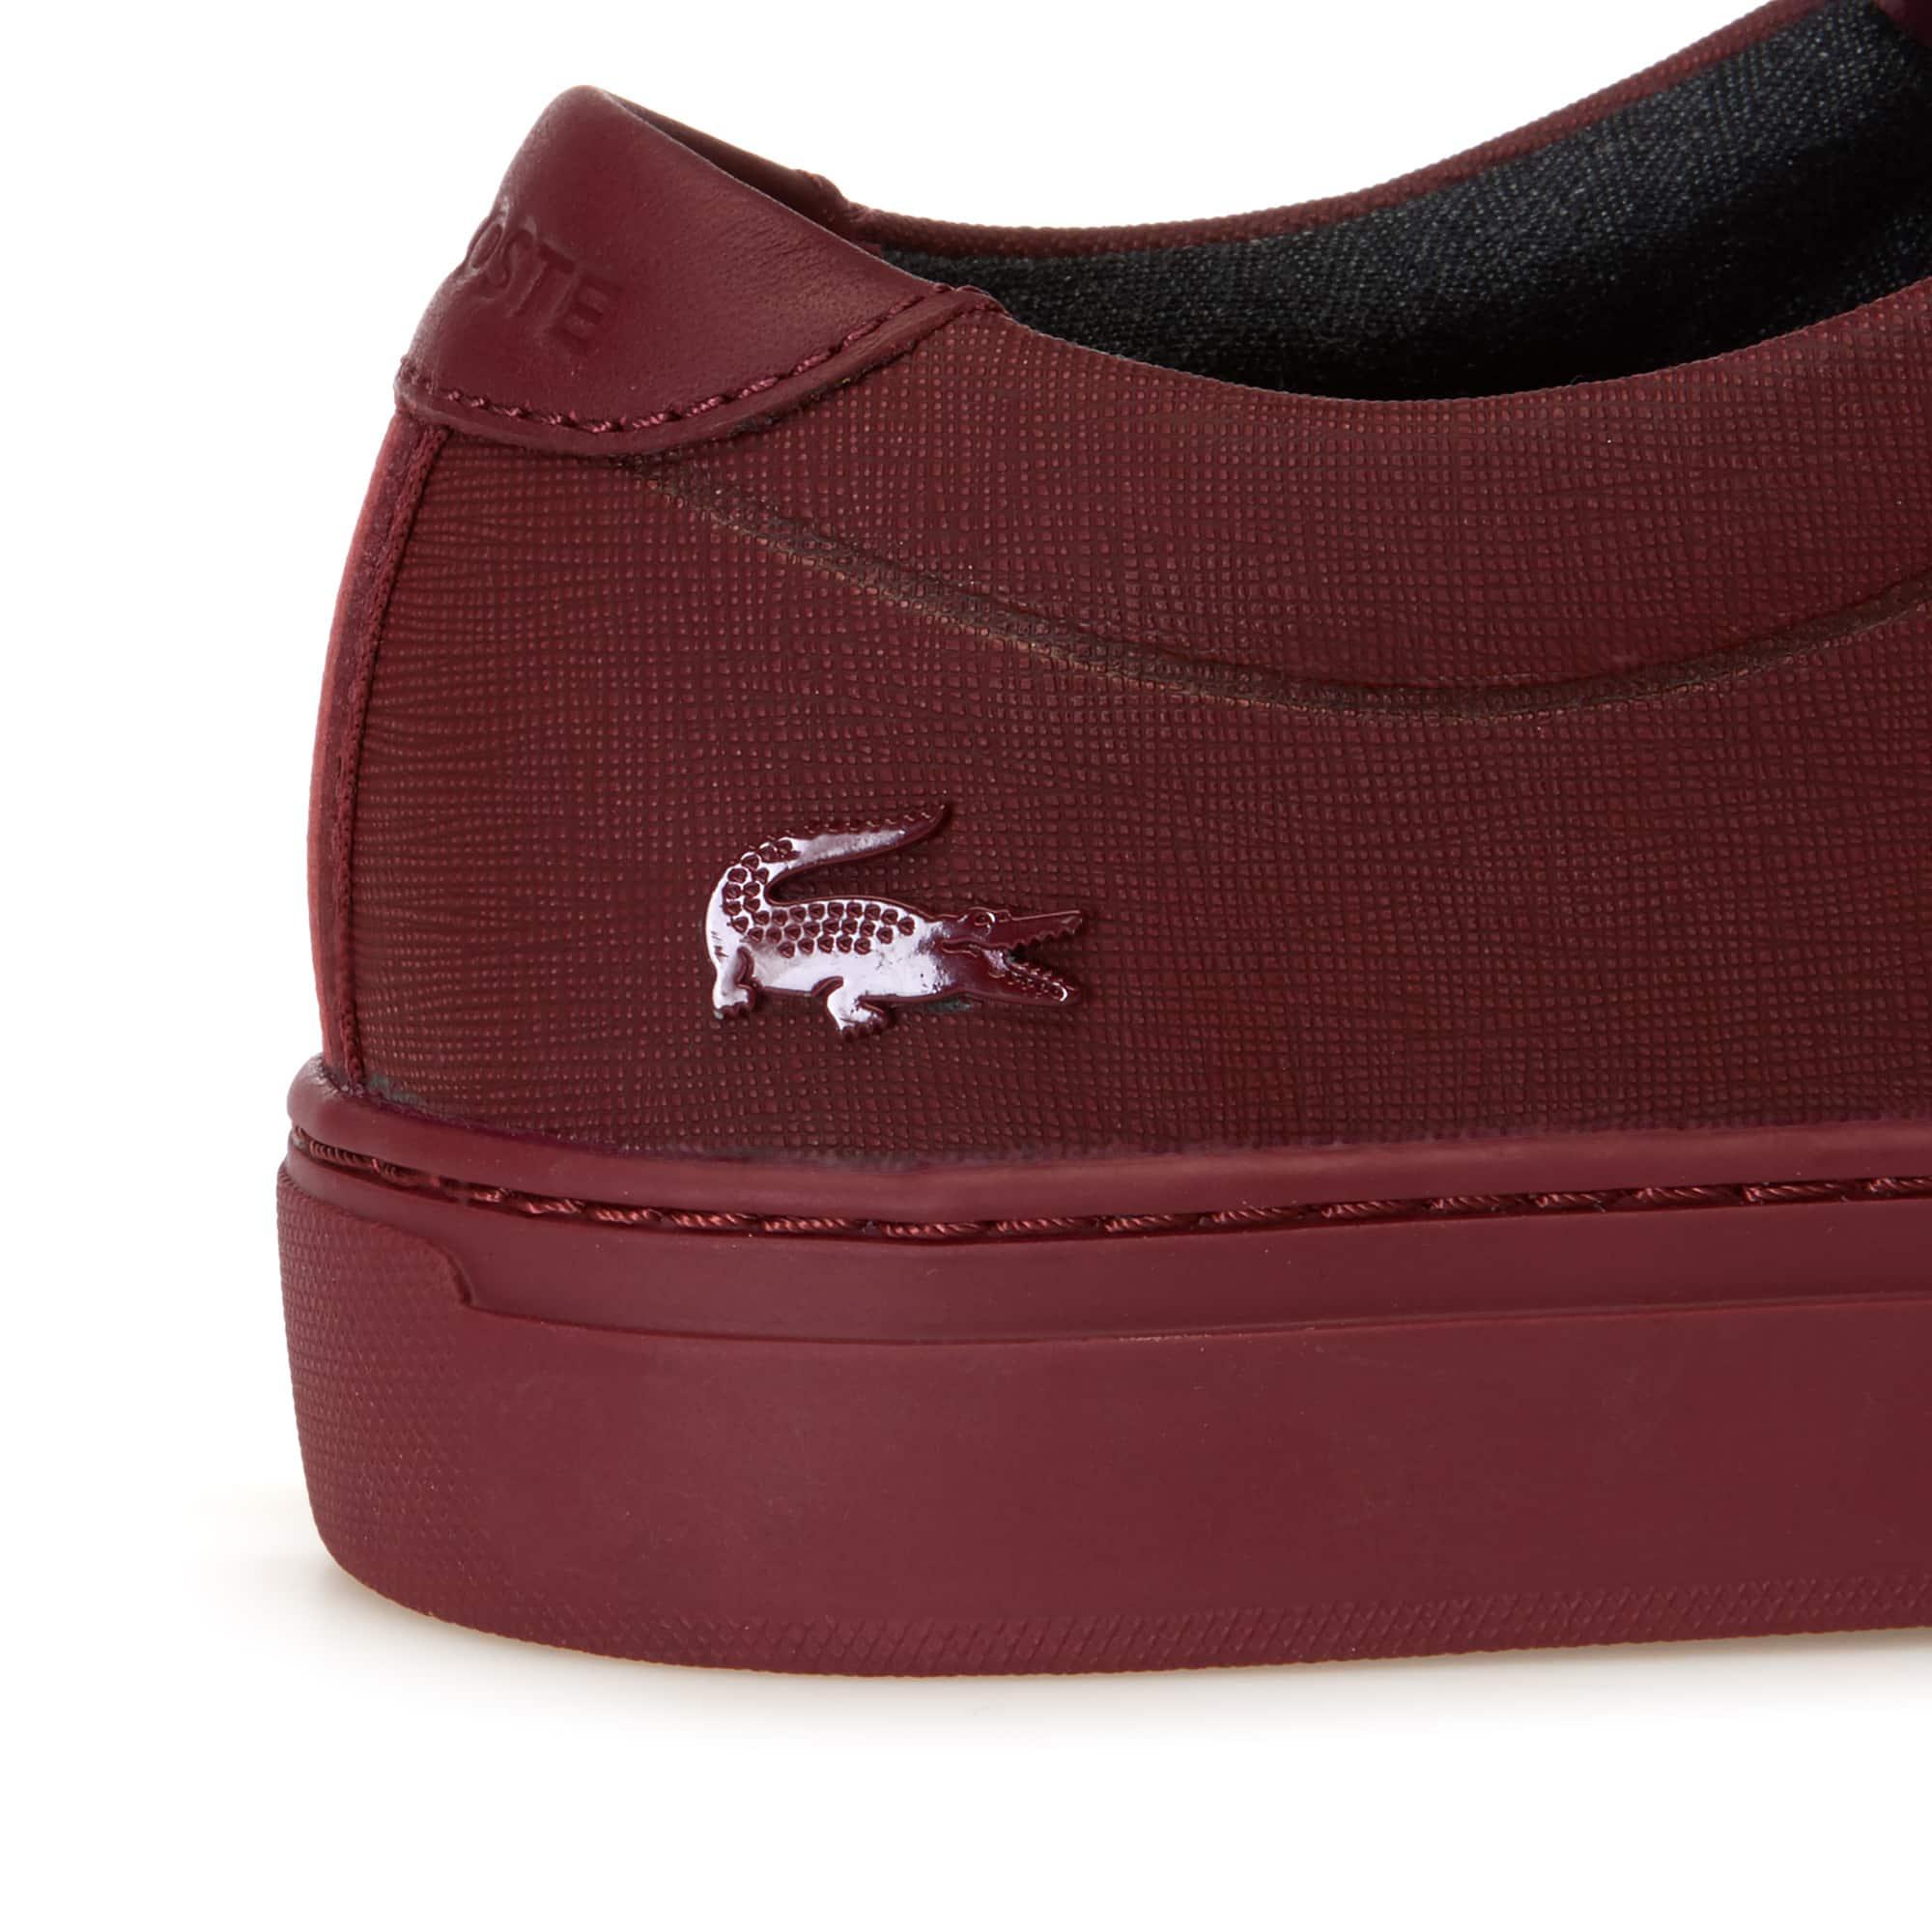 Lacoste - Sneakers L.12.12 homme en cuir de qualité supérieure - 6